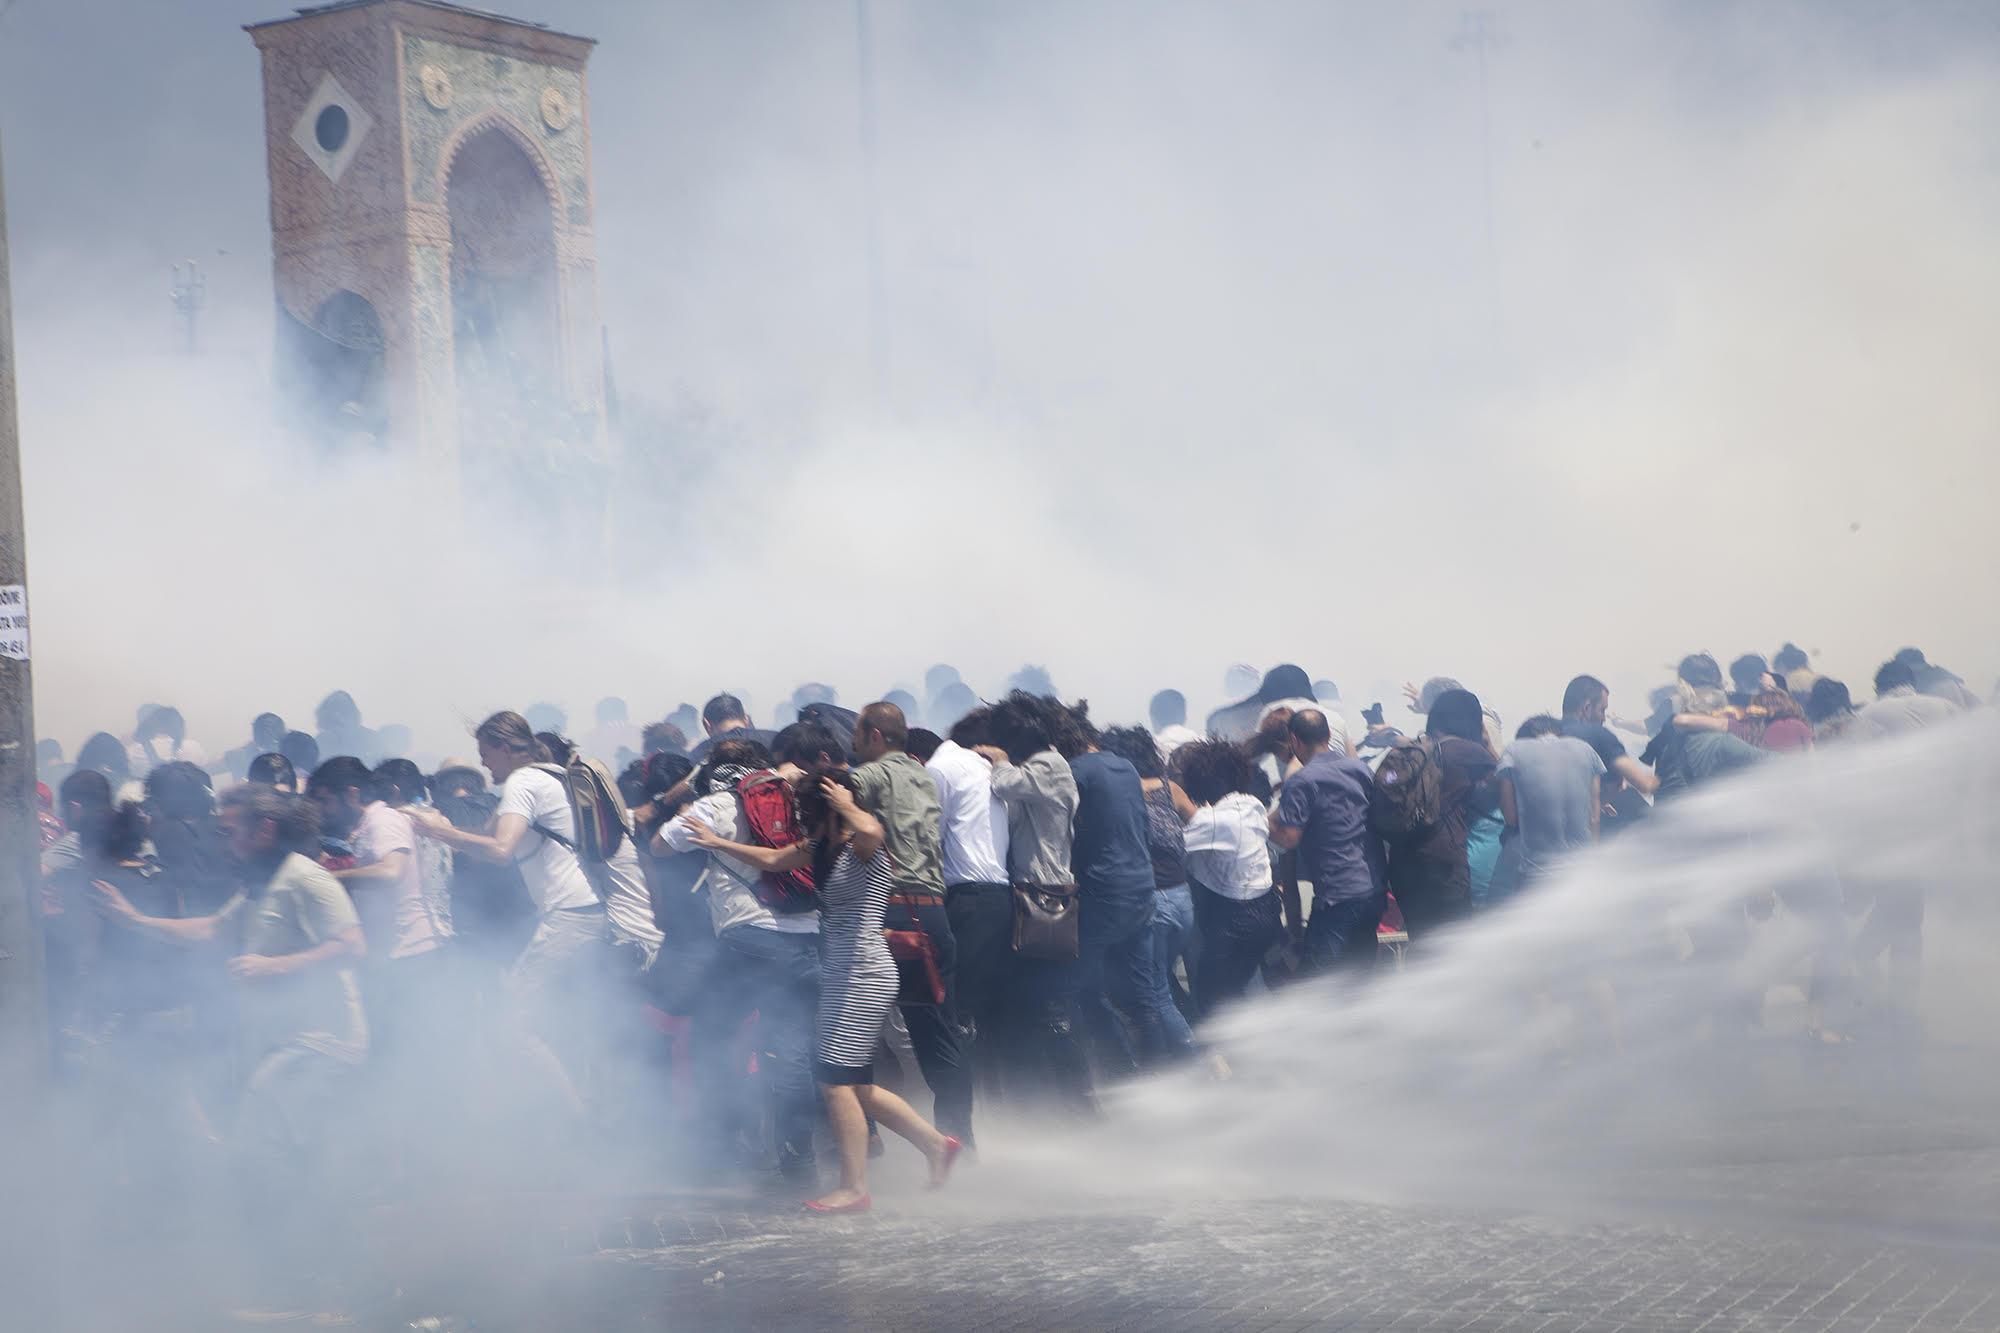 Taksim anıtı: Eren Aytuğ/NarPhotos